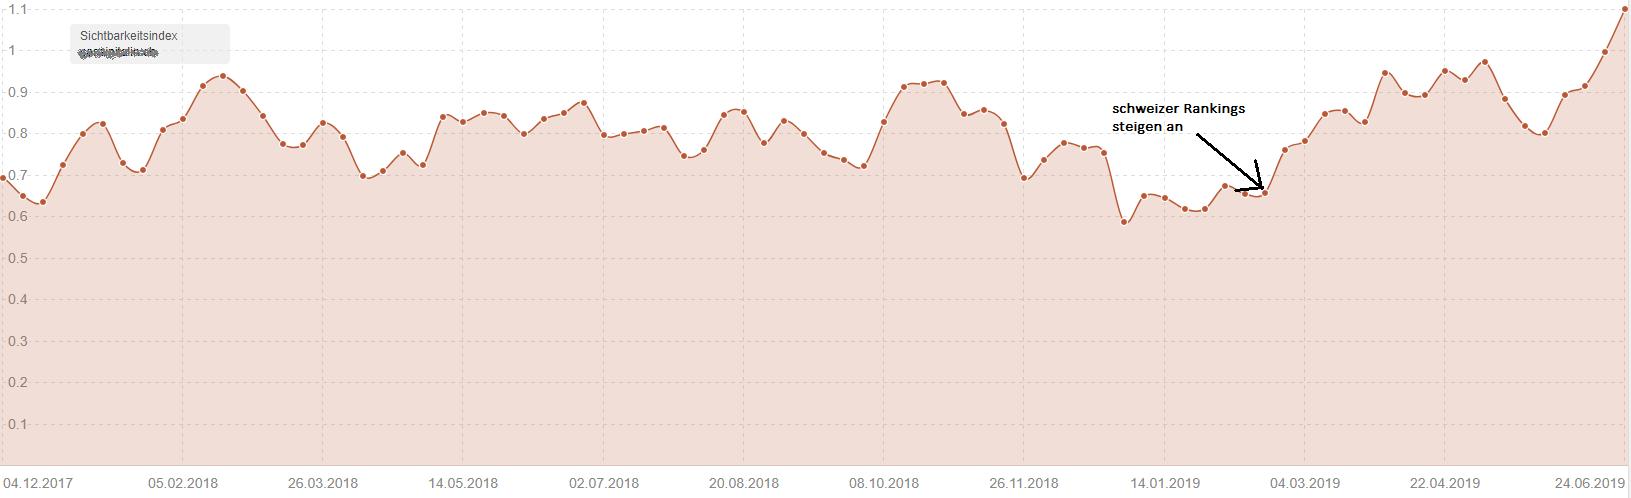 Hraflang-Tags führen in Verbindung mit aktuellem Google-Update zu dem Abstieg Schweizer Rankings. Erfahre bei marmato mehr!